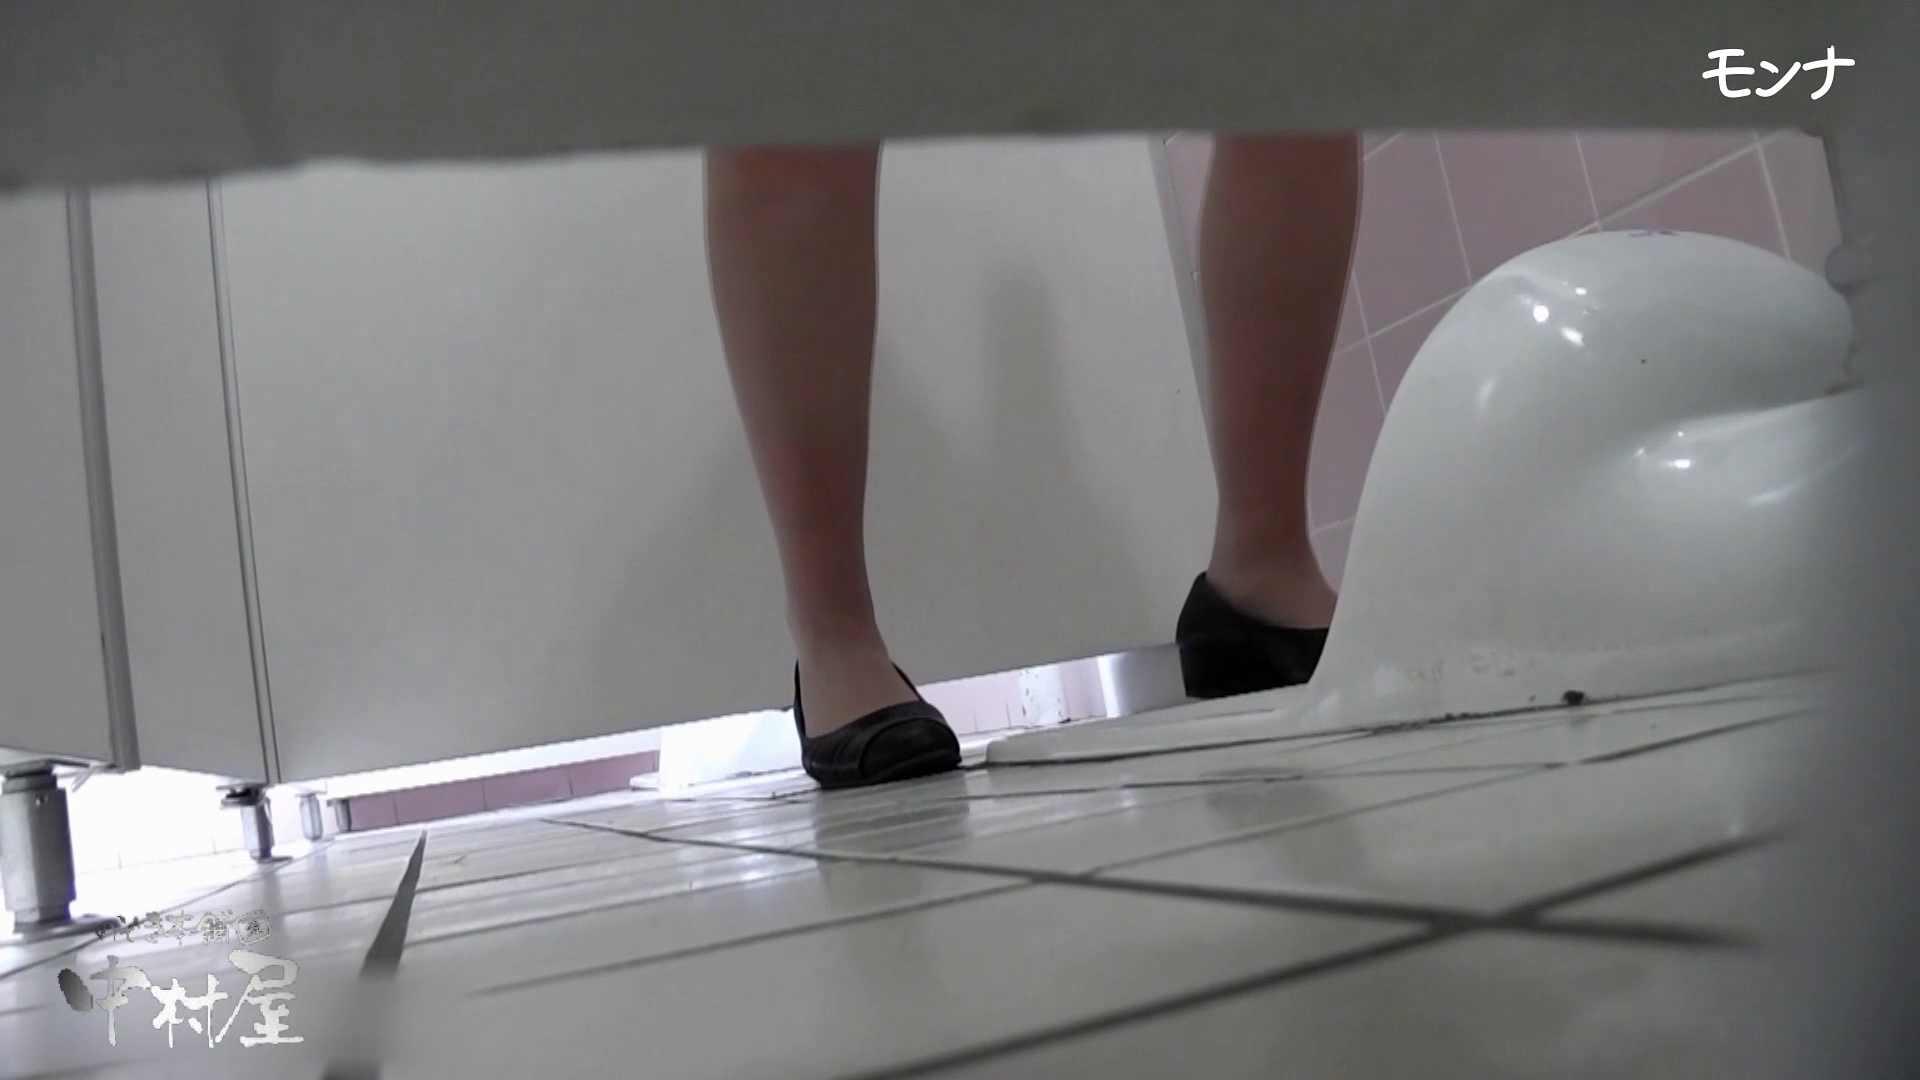 【美しい日本の未来】美しい日本の未来 No.69 ひやっと!終始15cmのしらすを垂らしながら・・・ OLハメ撮り  105Pix 69